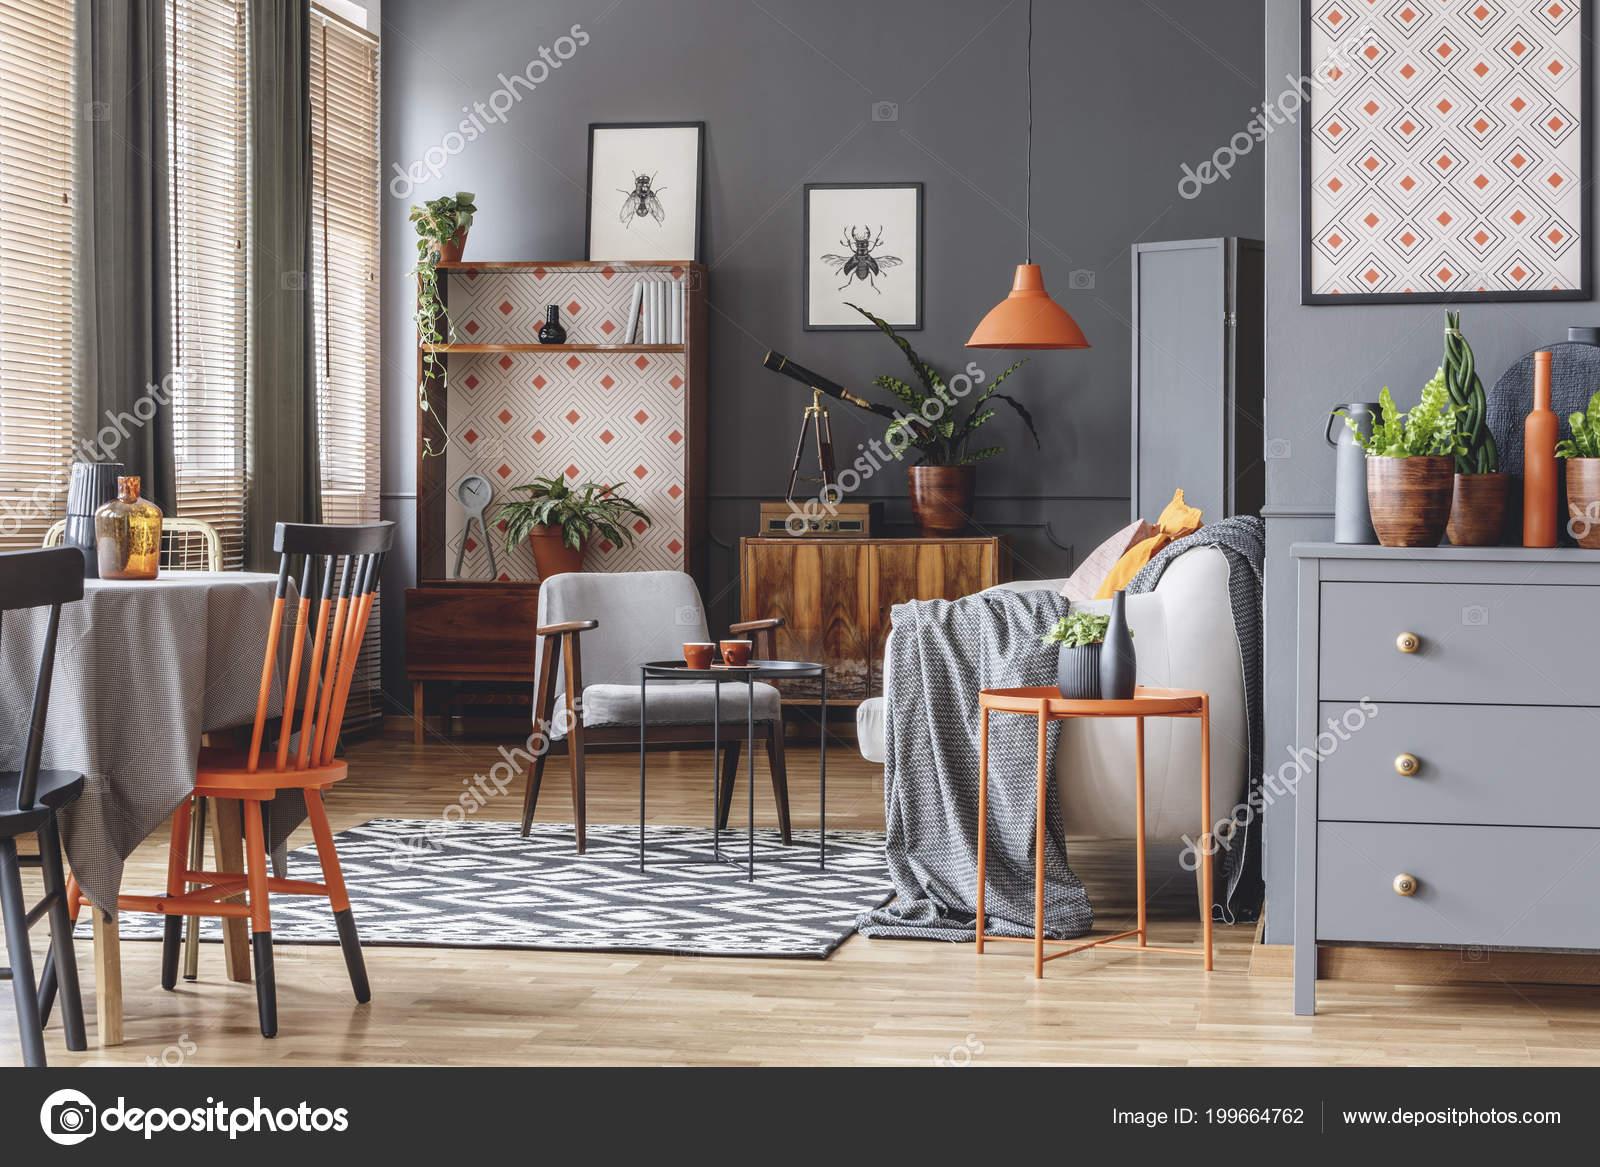 oranje lamp boven beige sofa grijs open ruimte interieur met stockfoto